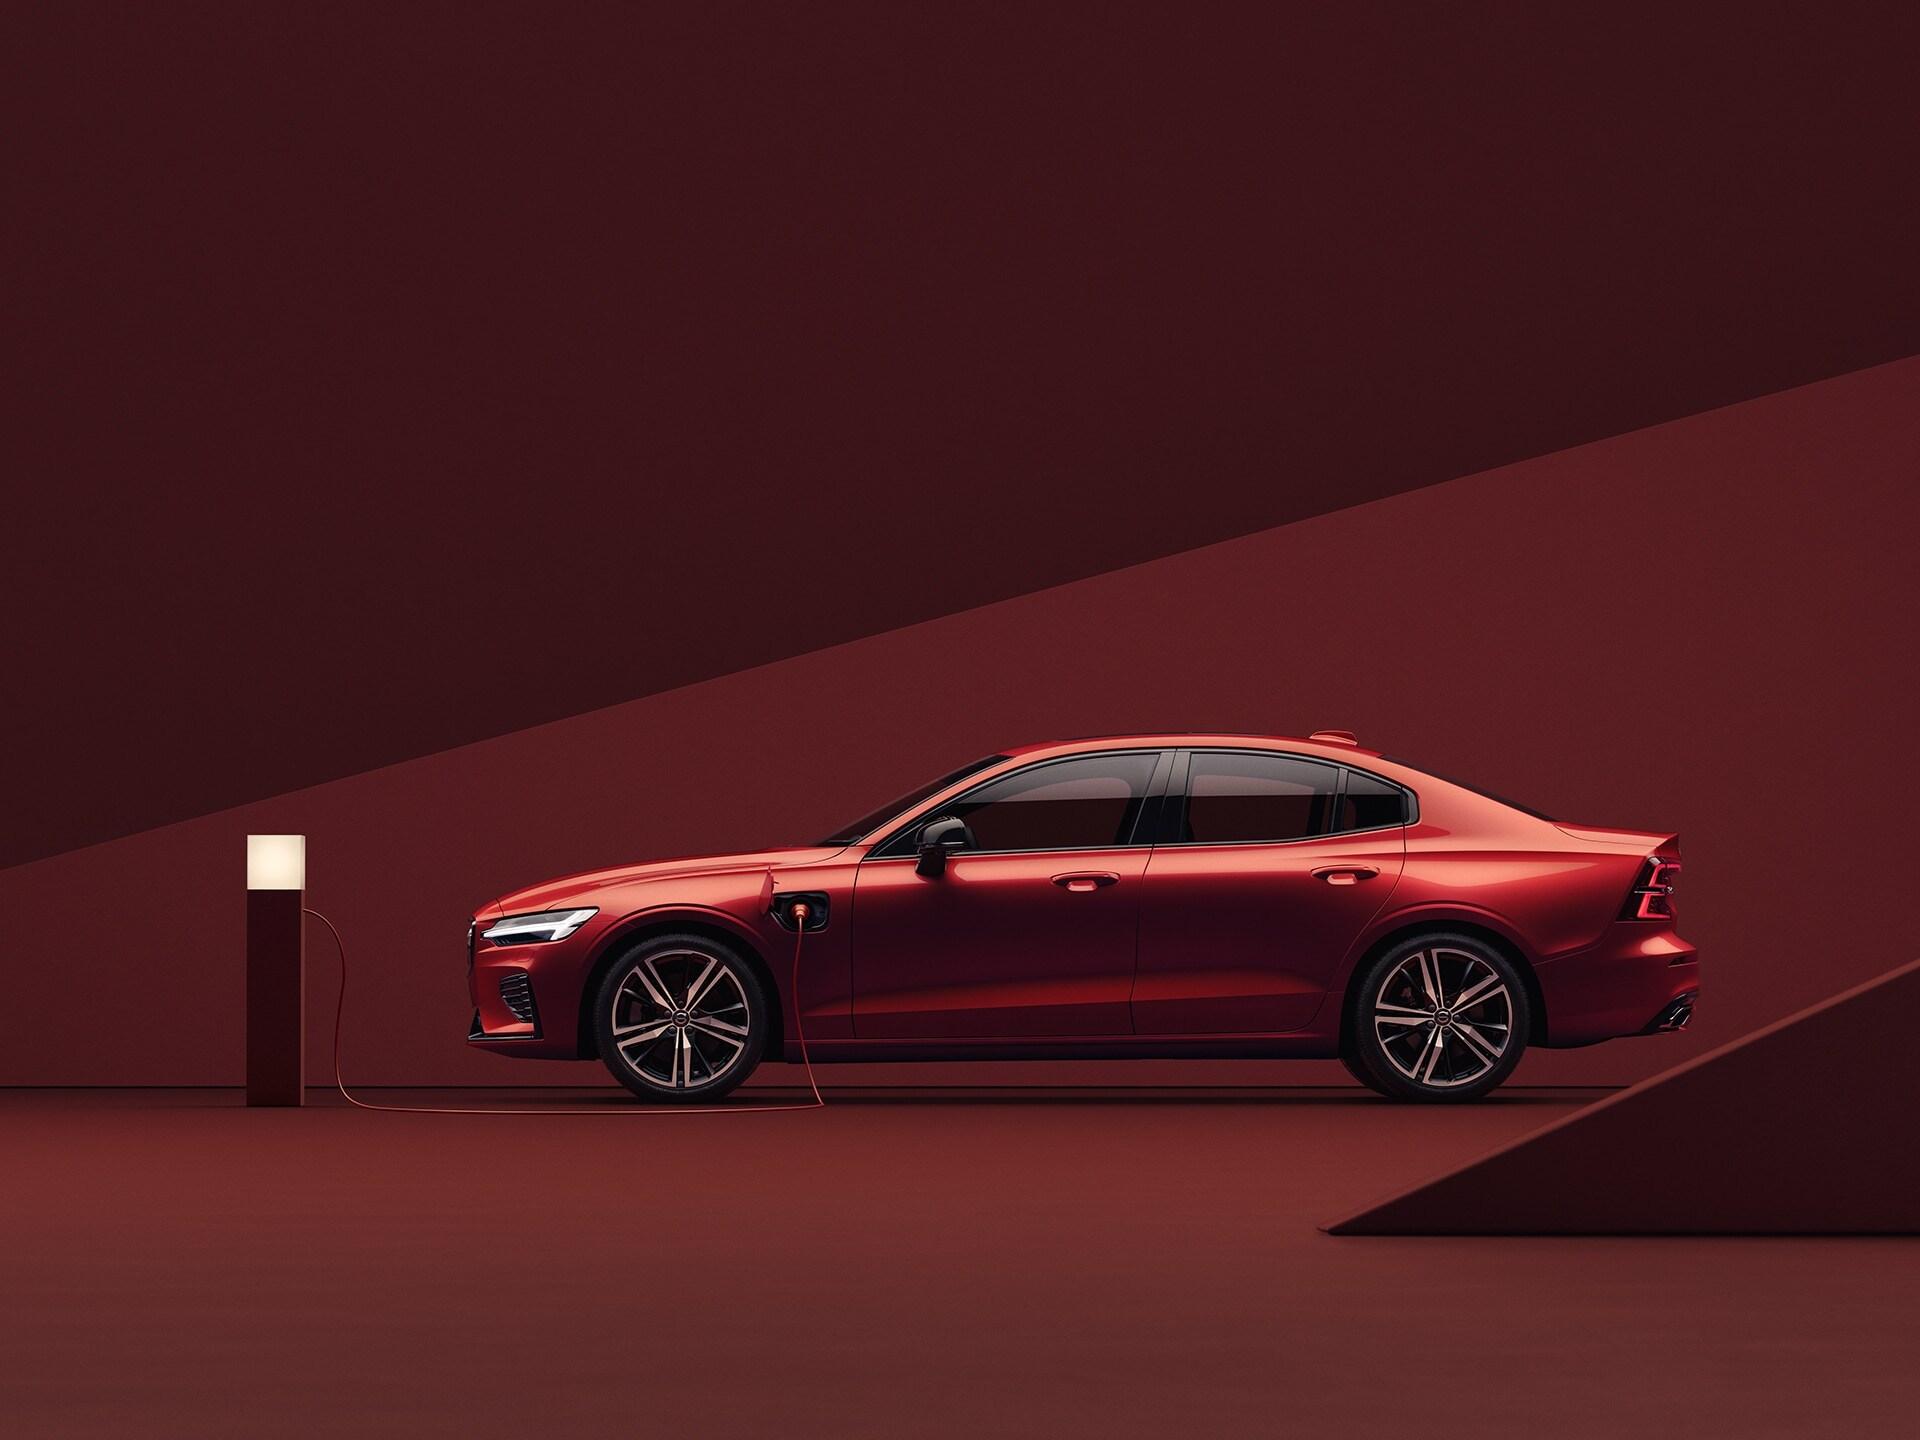 Crveni Volvo S60 Recharge puni se u crvenom okruženju.